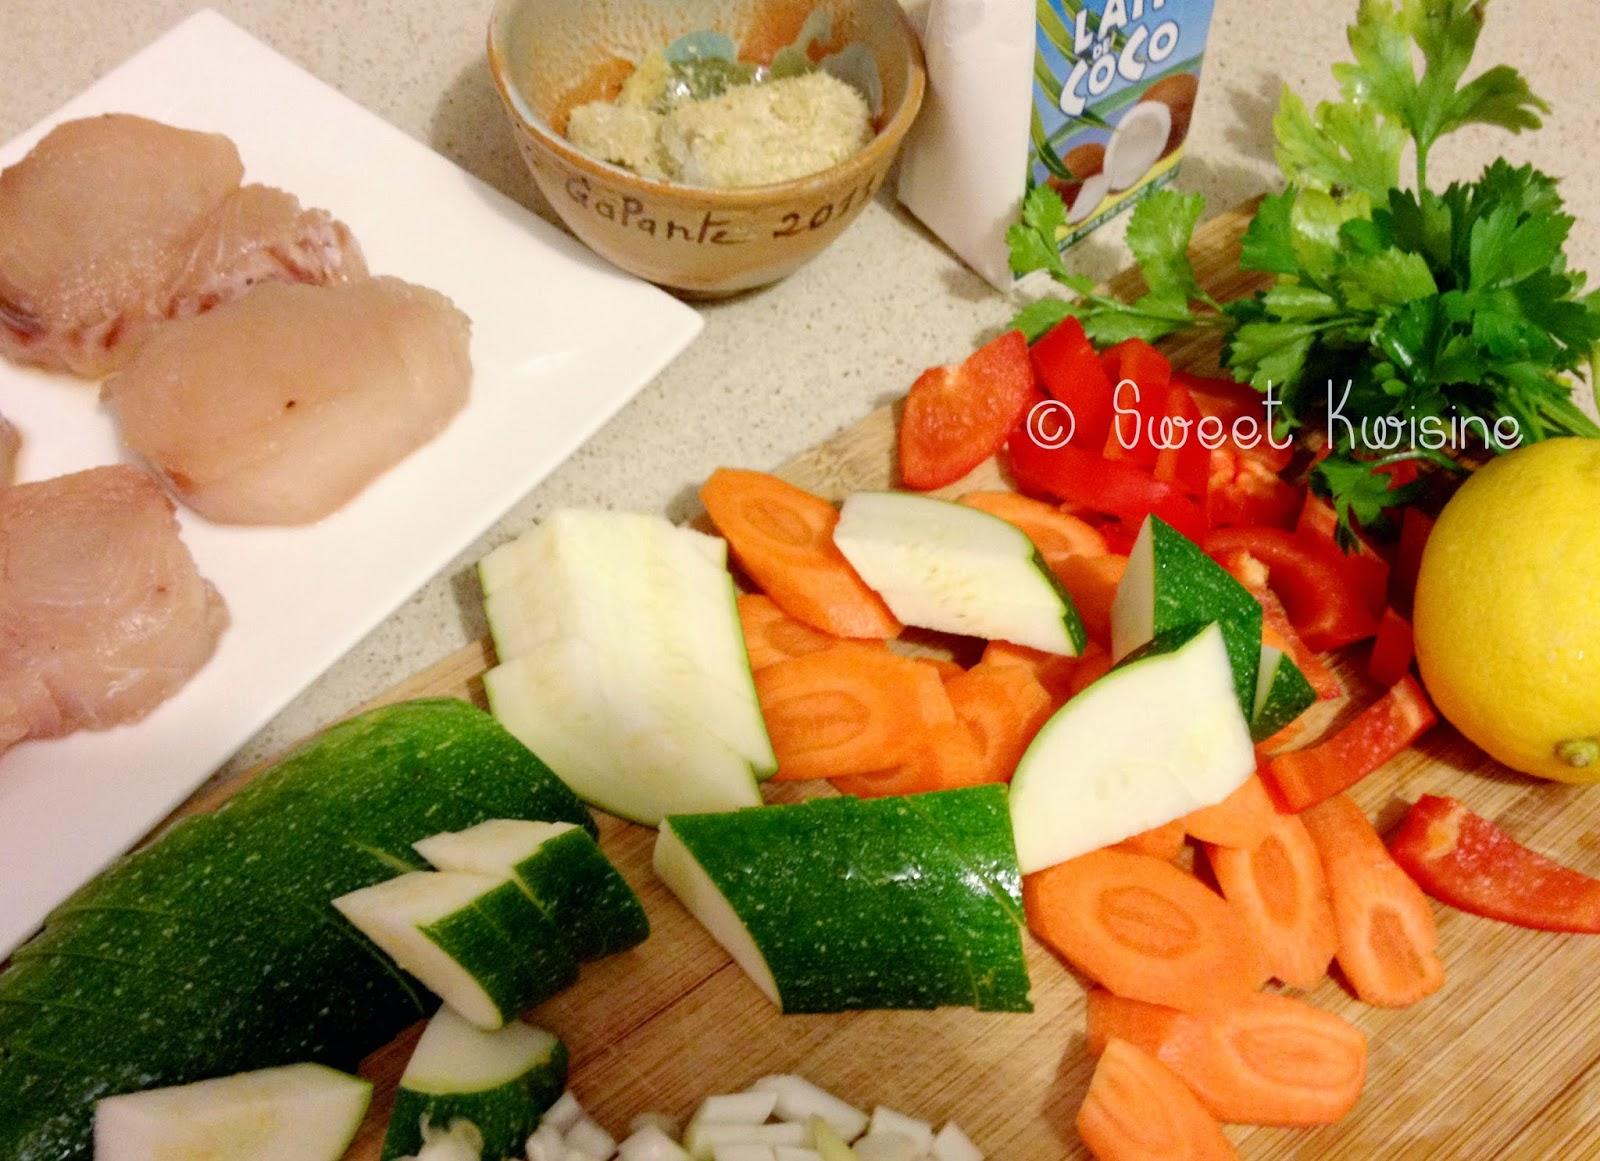 sweet kwisine, poisson, blanquette, lait de coco, cuisine asiatique, Laurent Mariotte, citron, légumes,